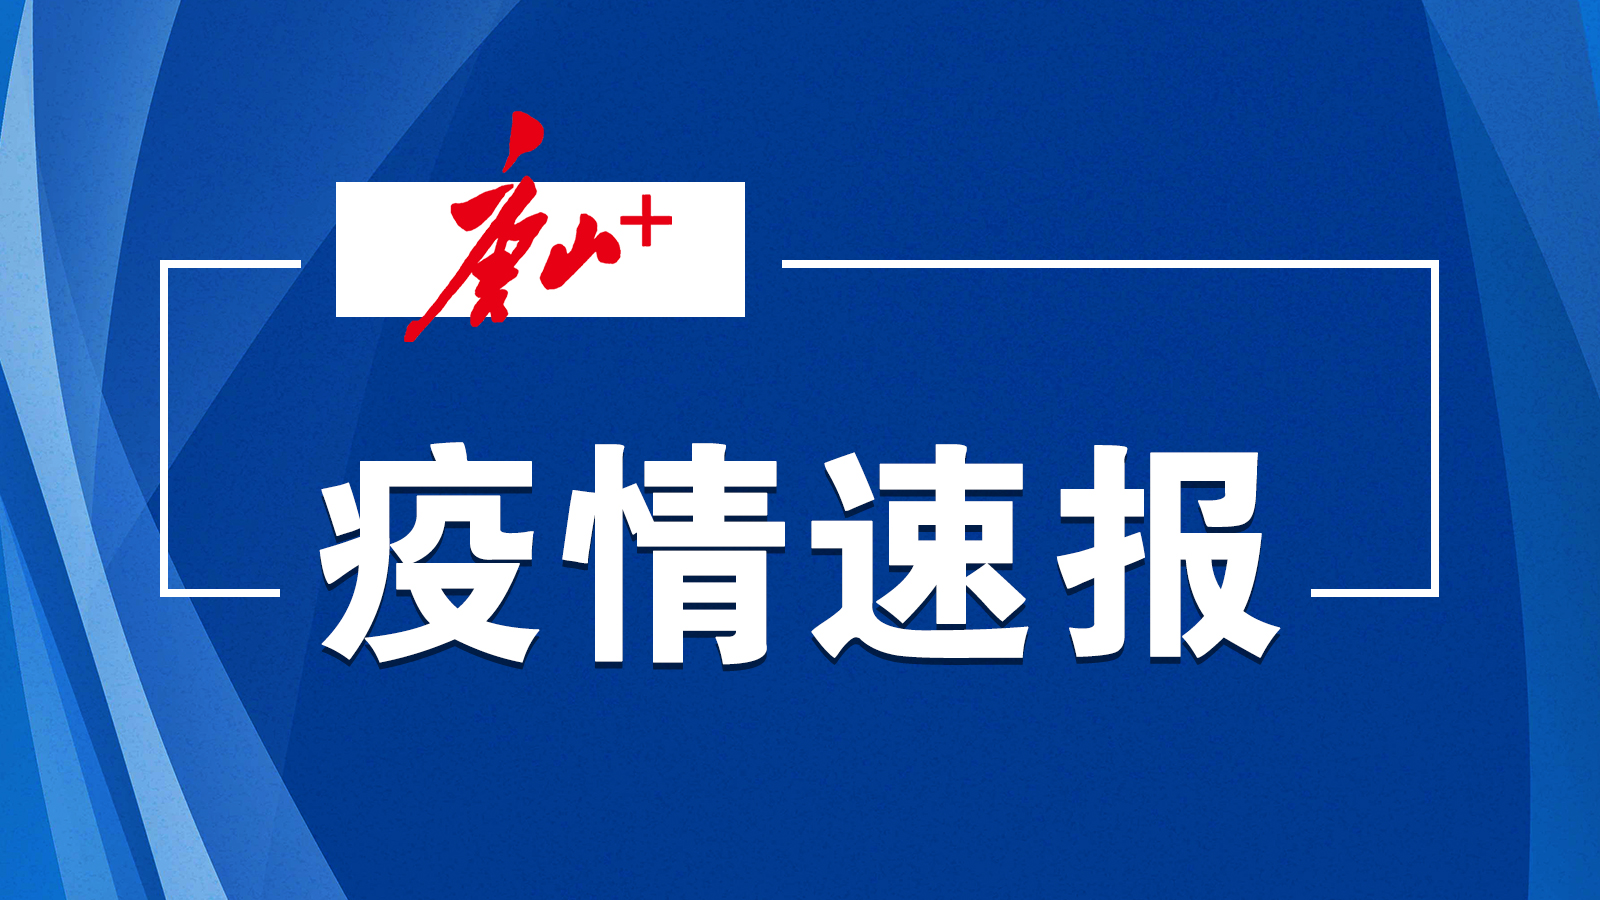 6月24日河北无新增确诊病例!